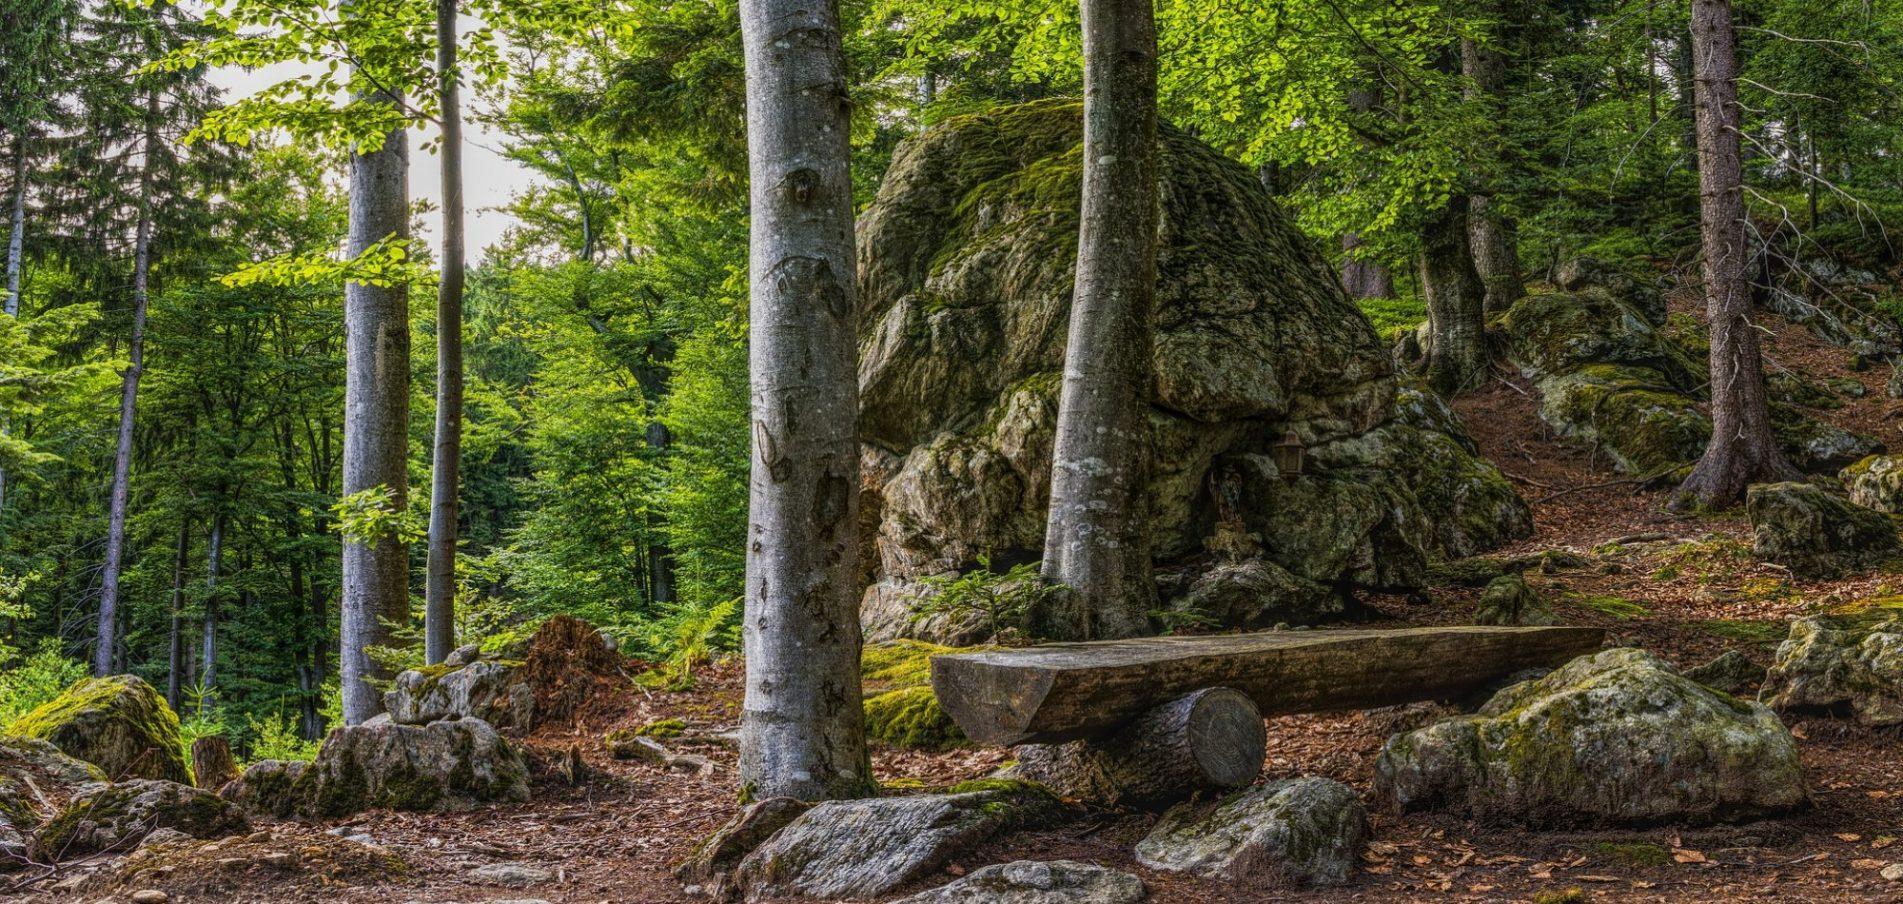 Willkommen im Bayerischen Wald ... mitten drin im Abenteuer!